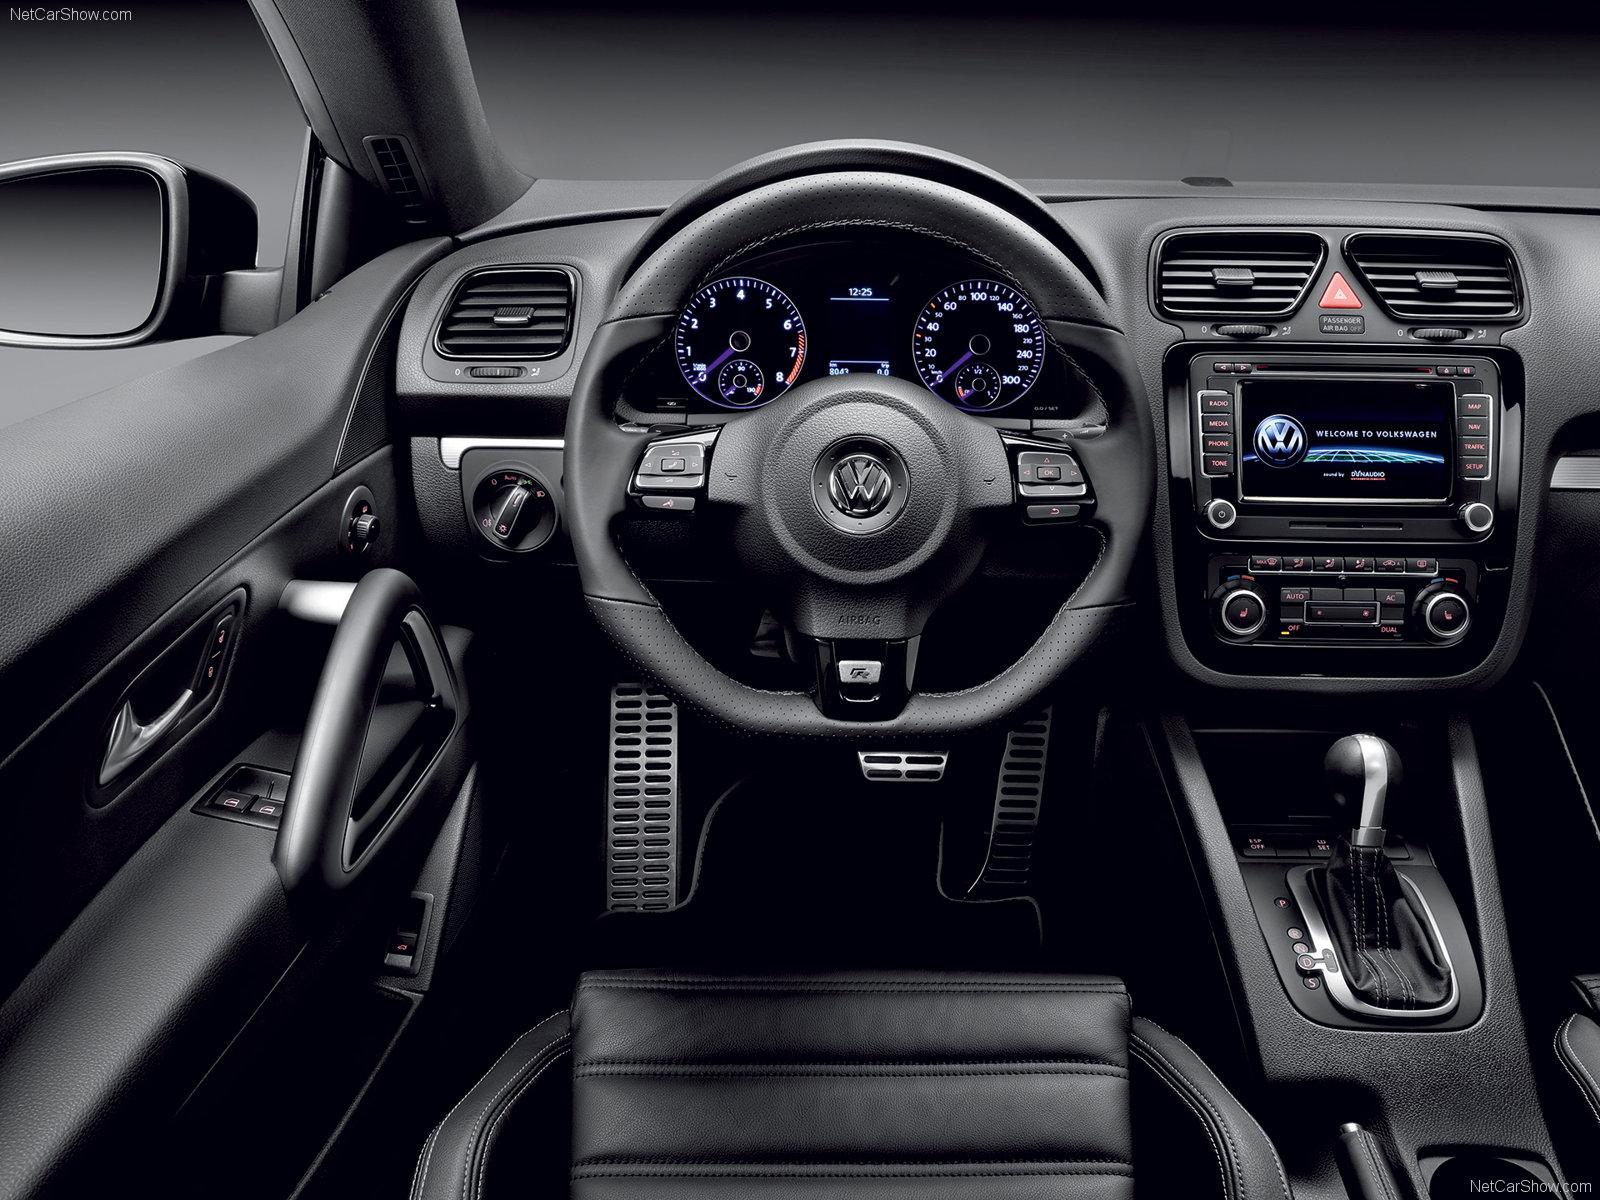 3dtuning Of Volkswagen Scirocco R 3 Door Hatchback 2010